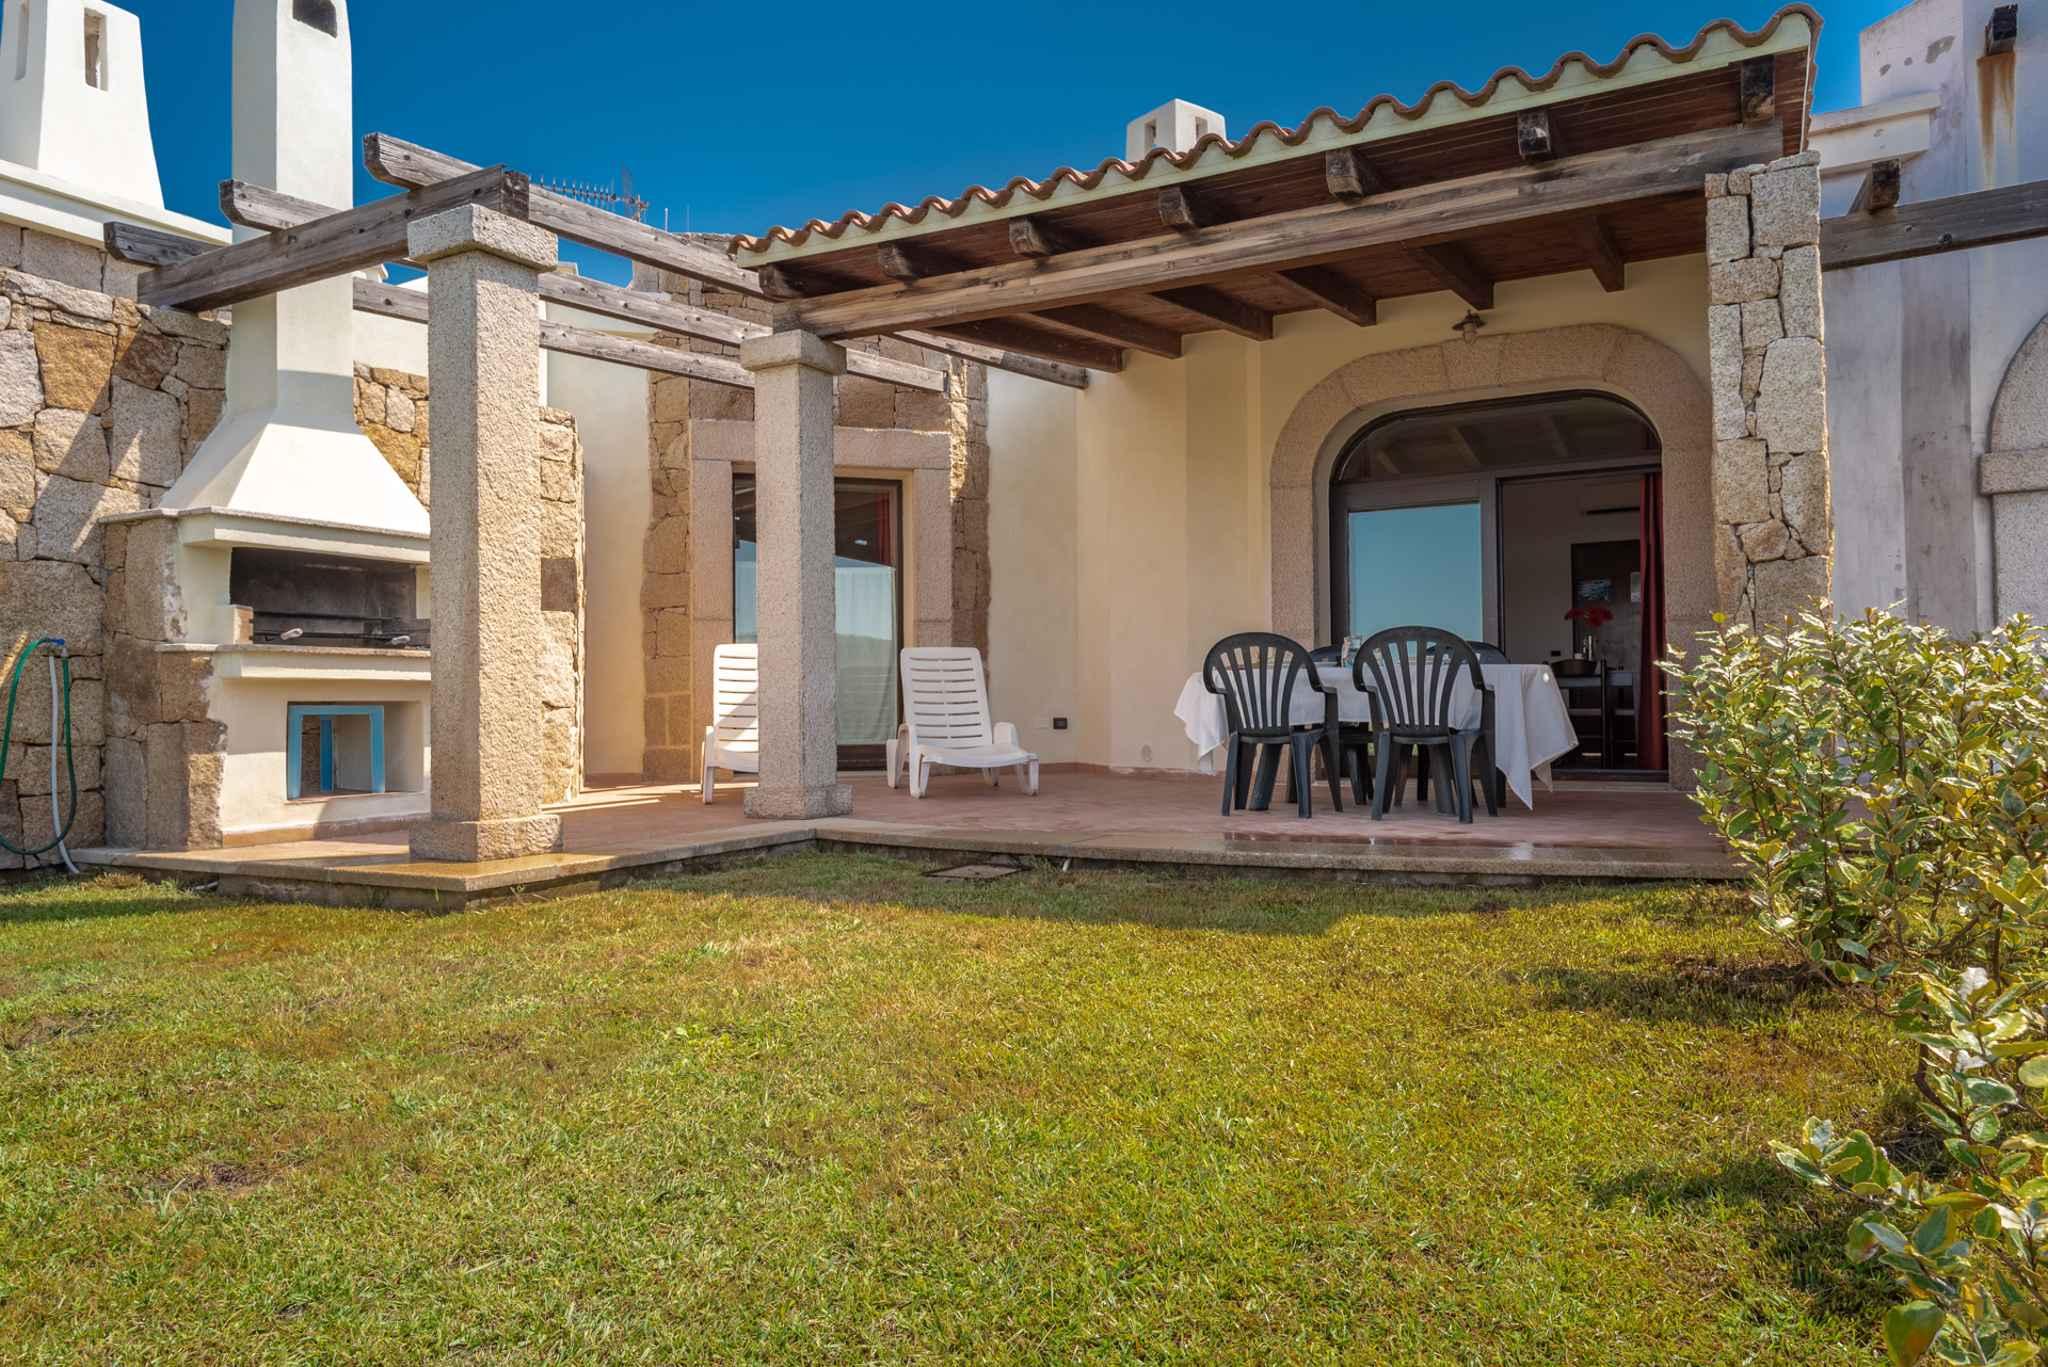 Ferienhaus mit KLimaanlage (2182423), Alghero, Sassari, Sardinien, Italien, Bild 4